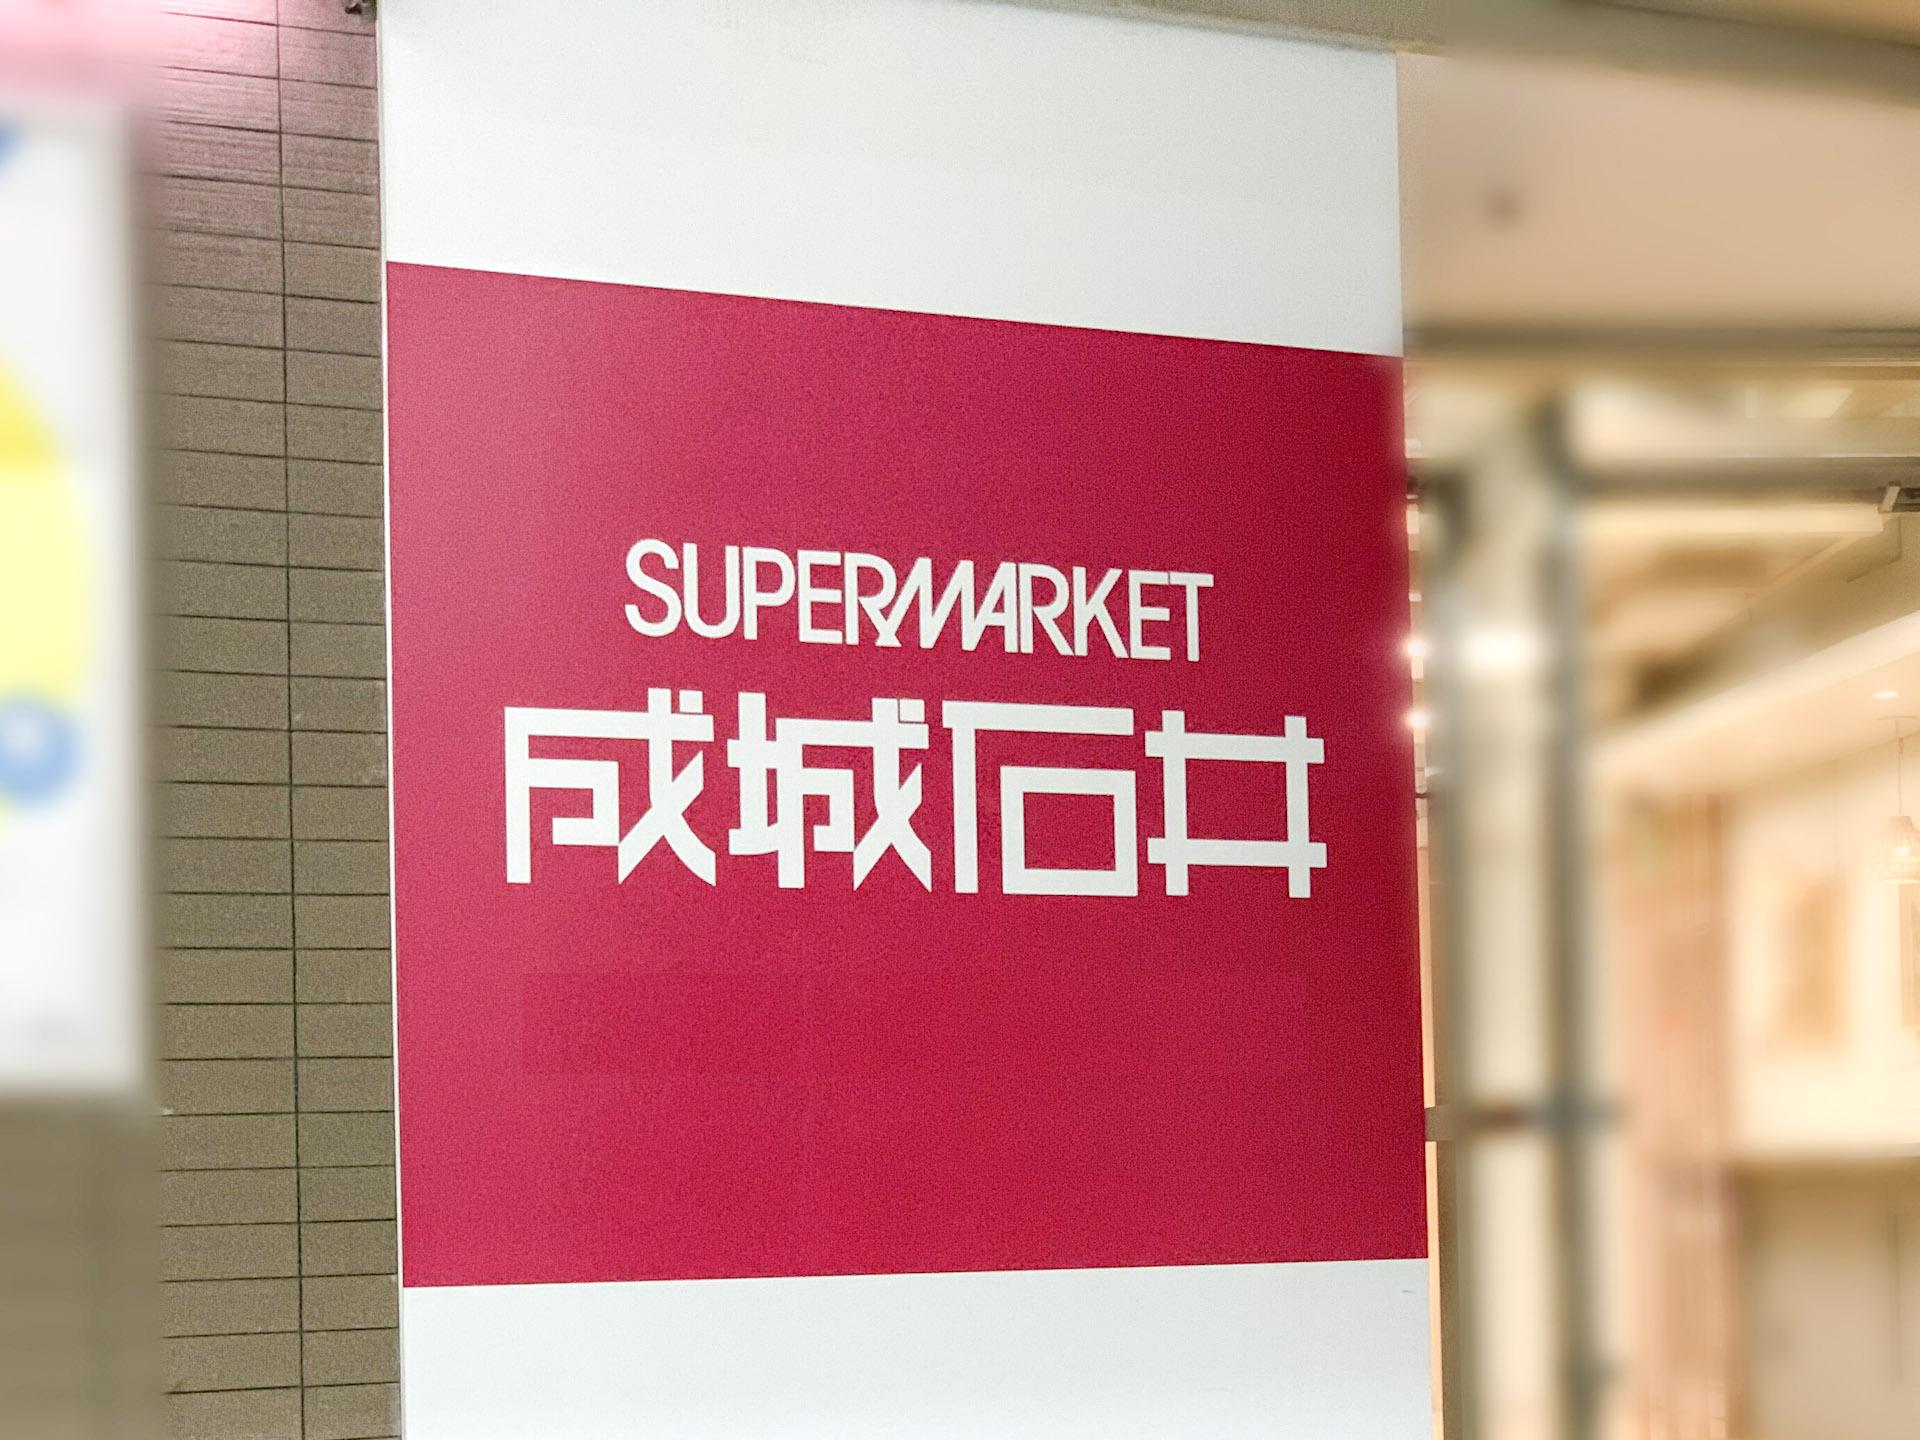 成城石井で買えるポテトチップスおすすめまとめ!人気商品は定番の菊水堂?